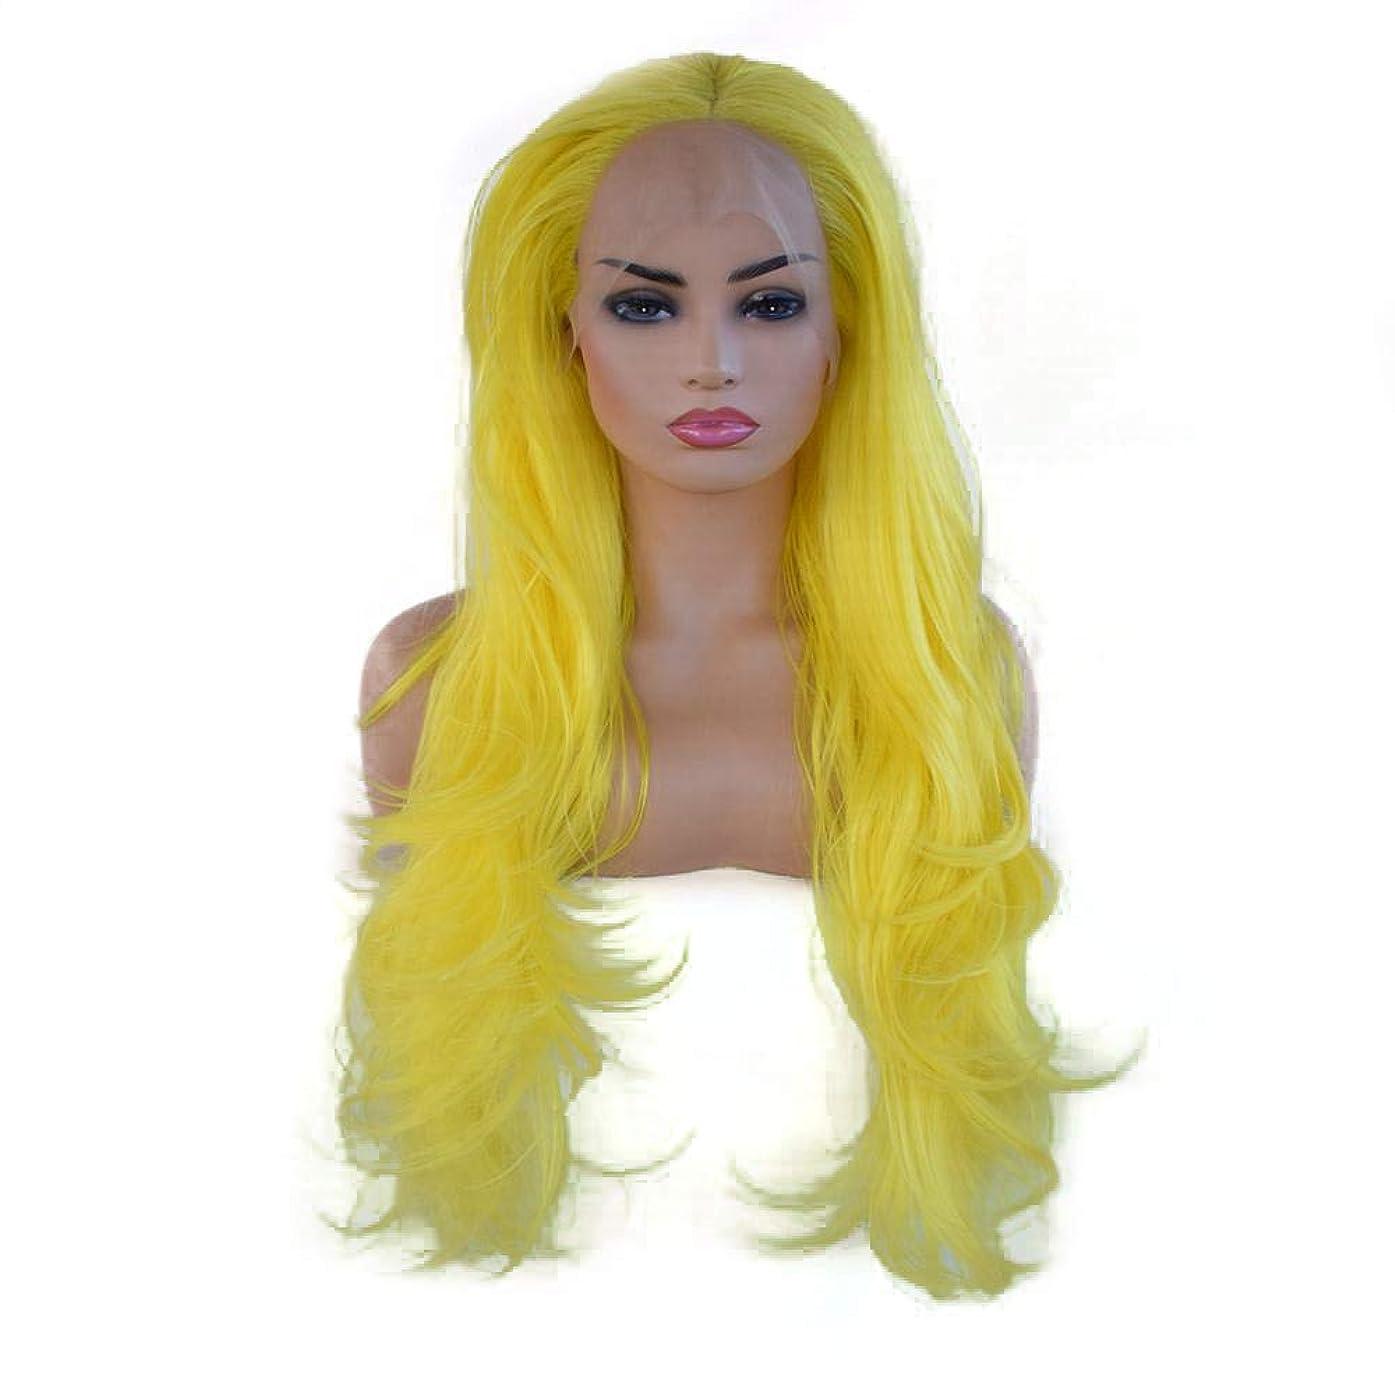 あなたは上院議員だらしないBOBIDYEE 黄色の女性の長い巻き毛のフロントレースの化学繊維かつらコスプレウィッグ合成髪のレースのかつらロールプレイングかつら (色 : イエロー)